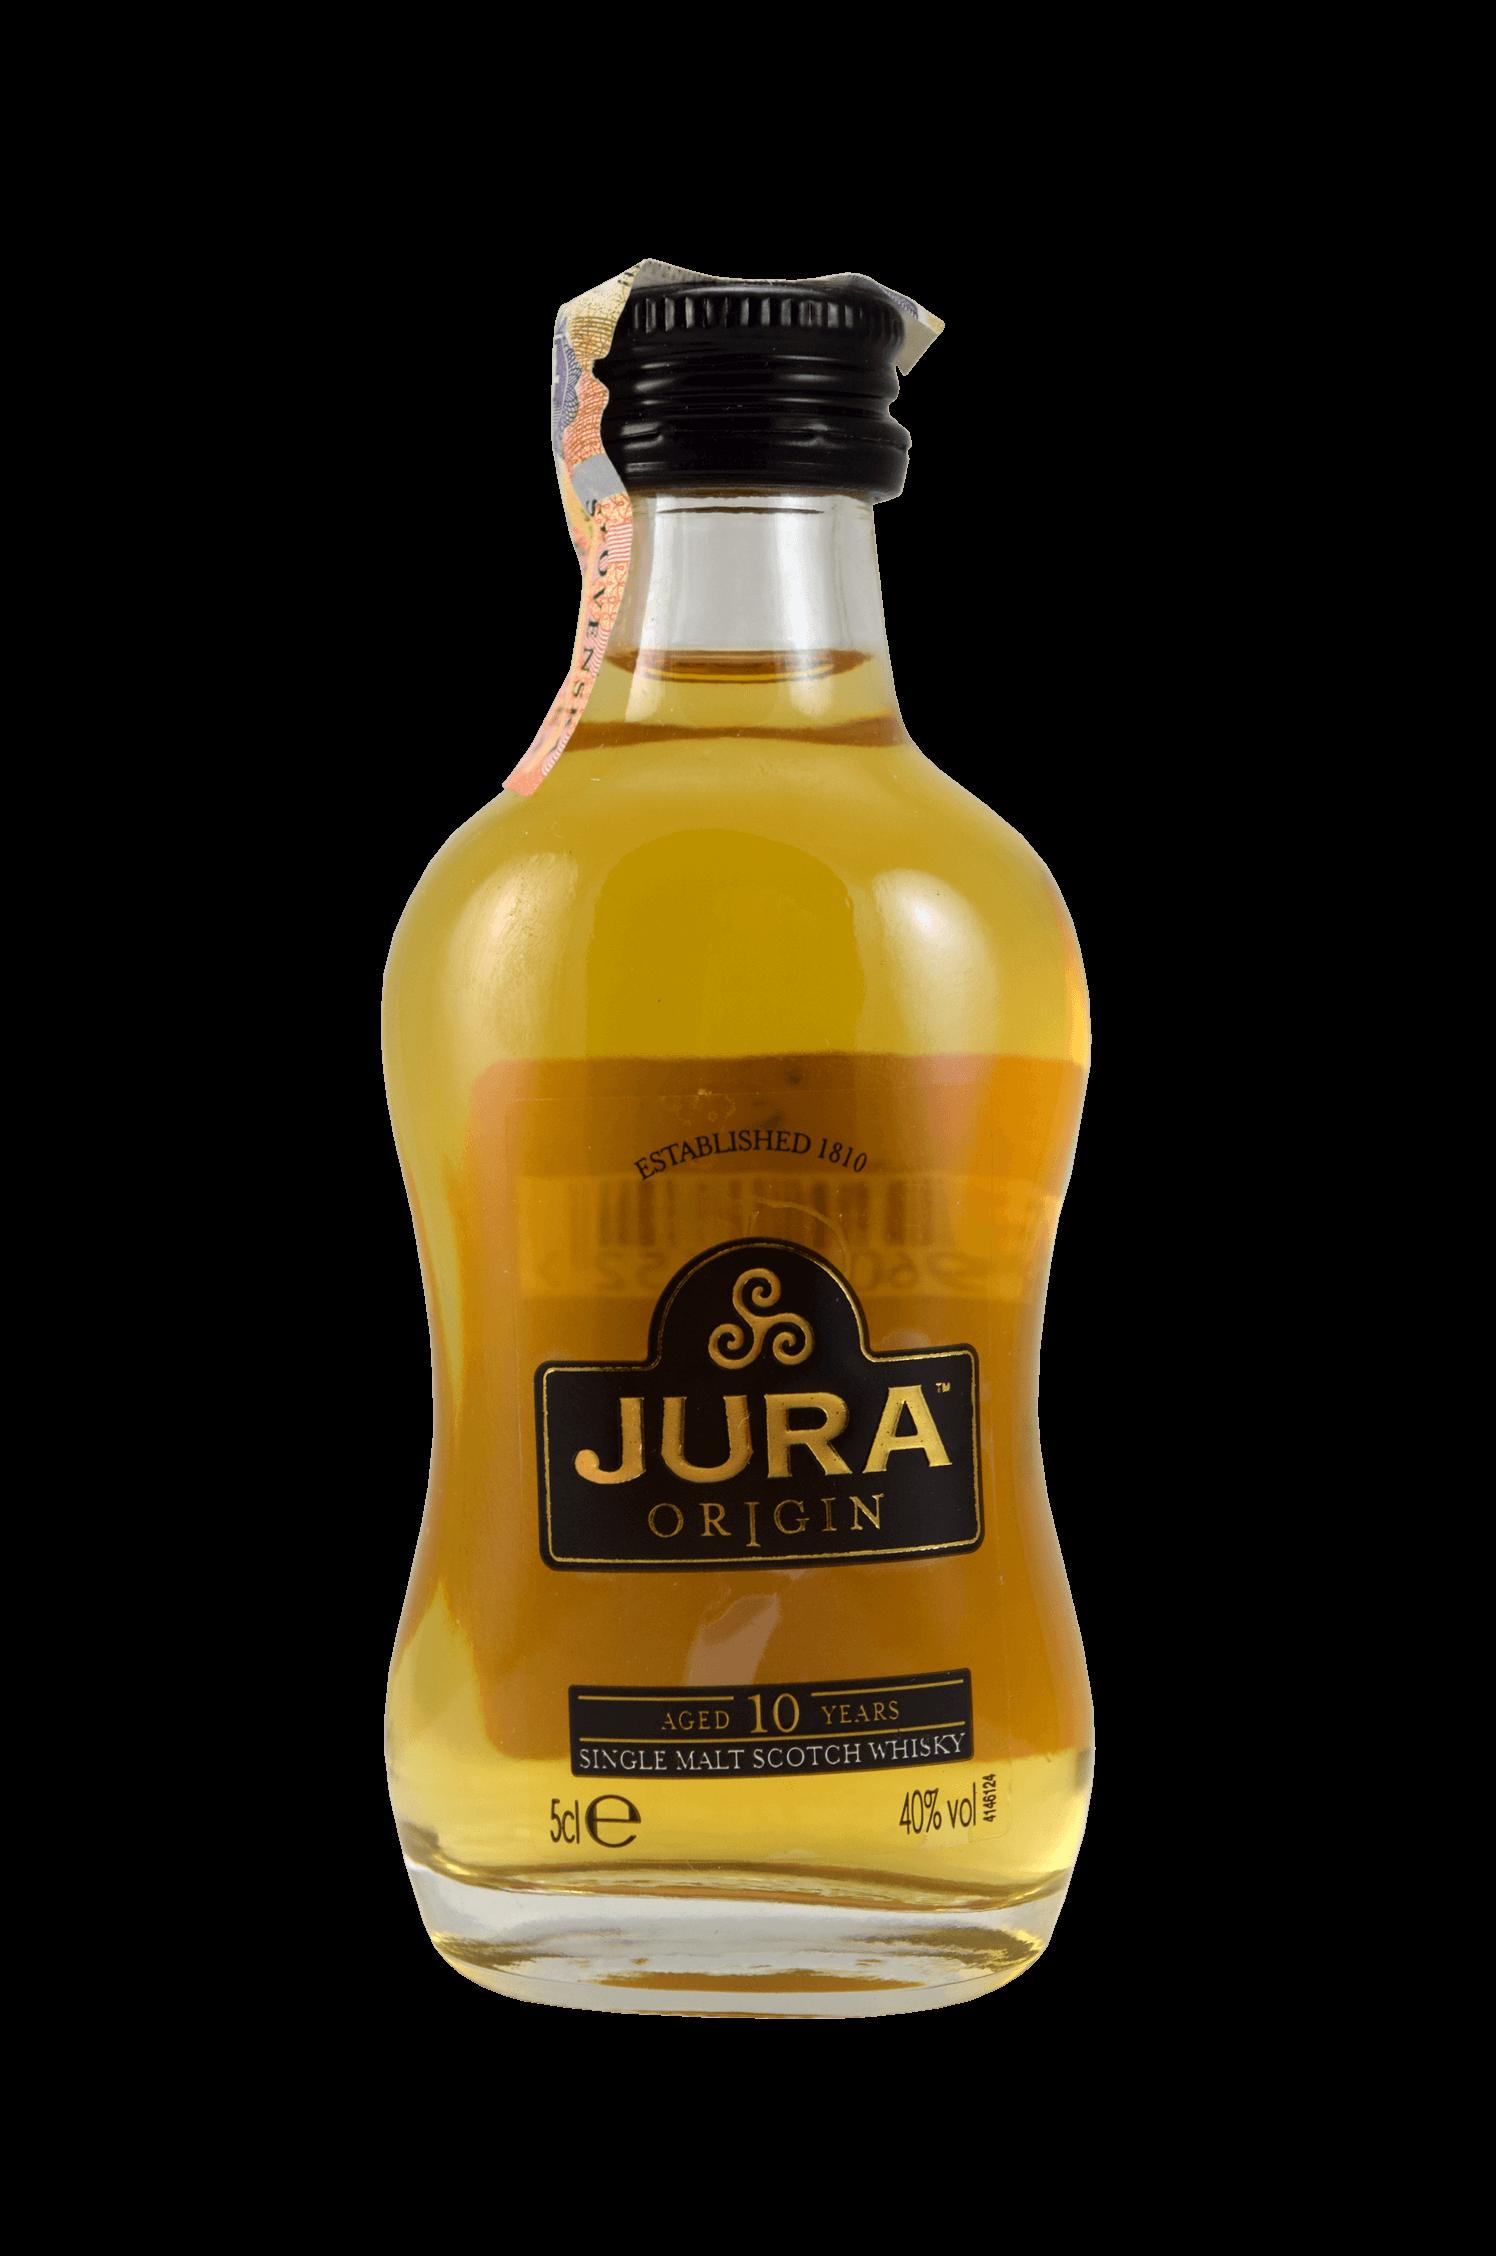 Jura Origin Whisky